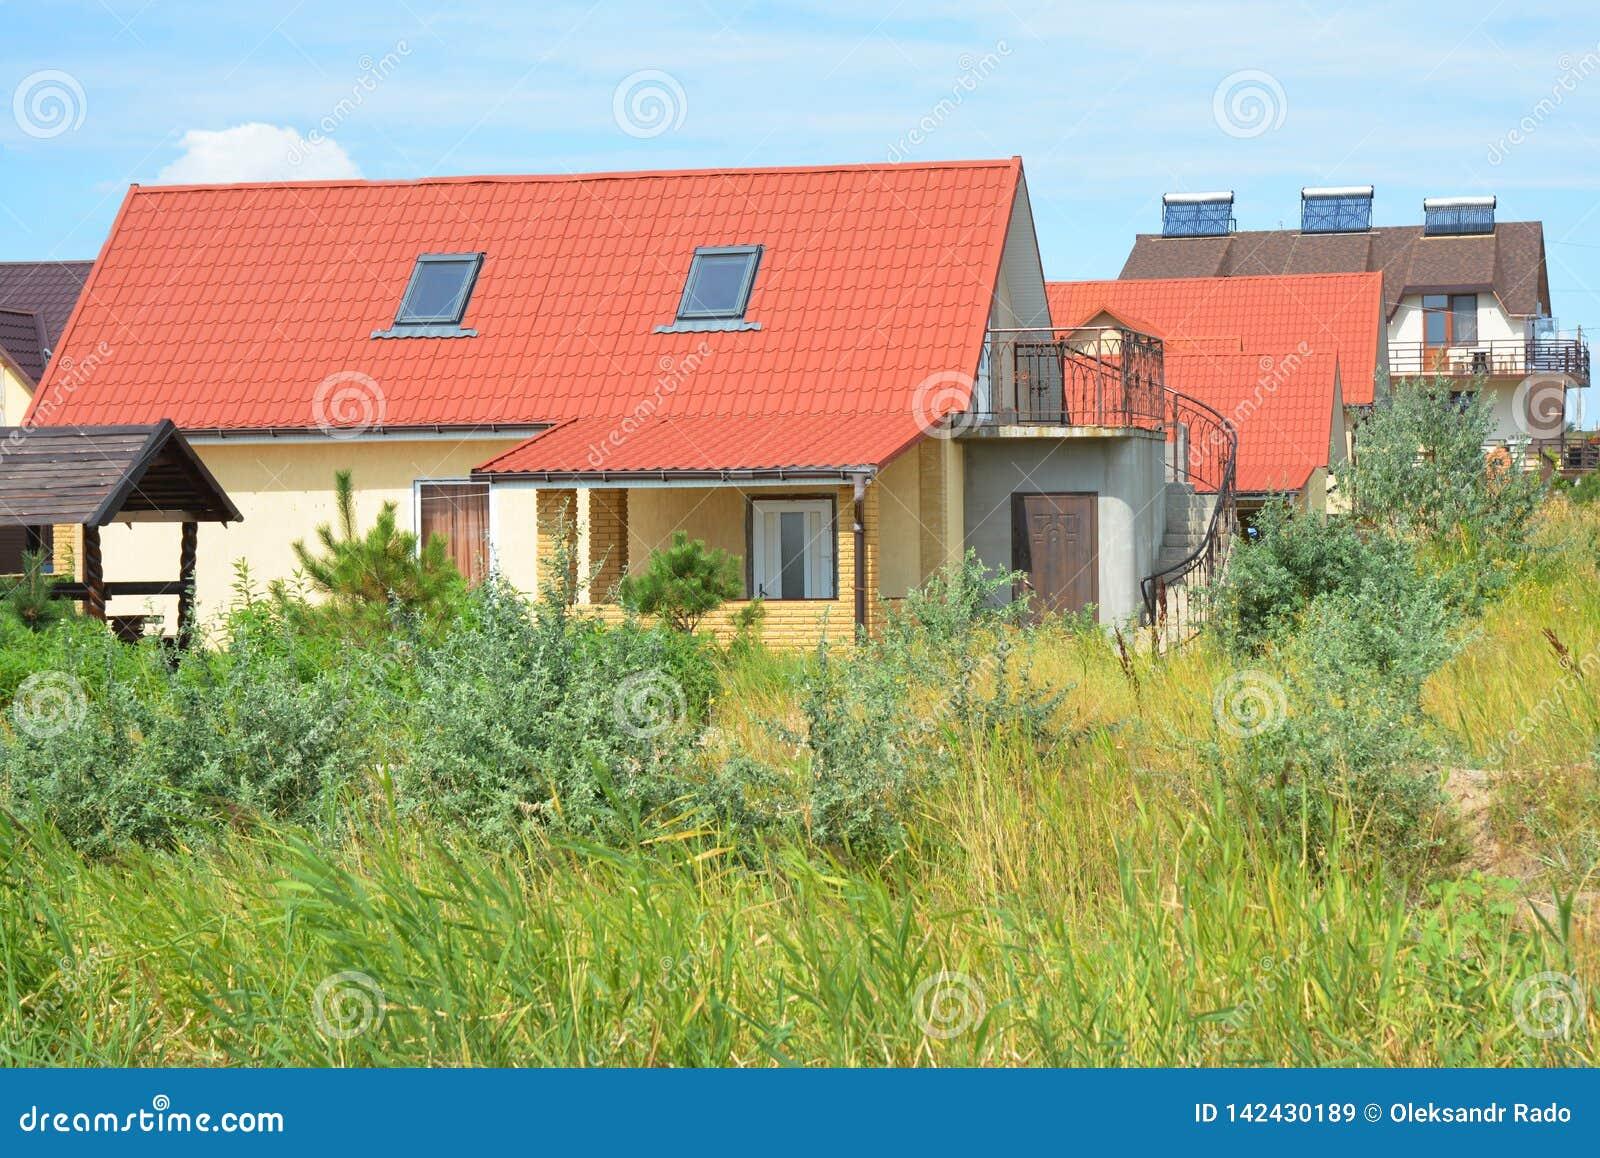 Modernes Haus Mit Rotem Dach Archivbilder Abgabe Des